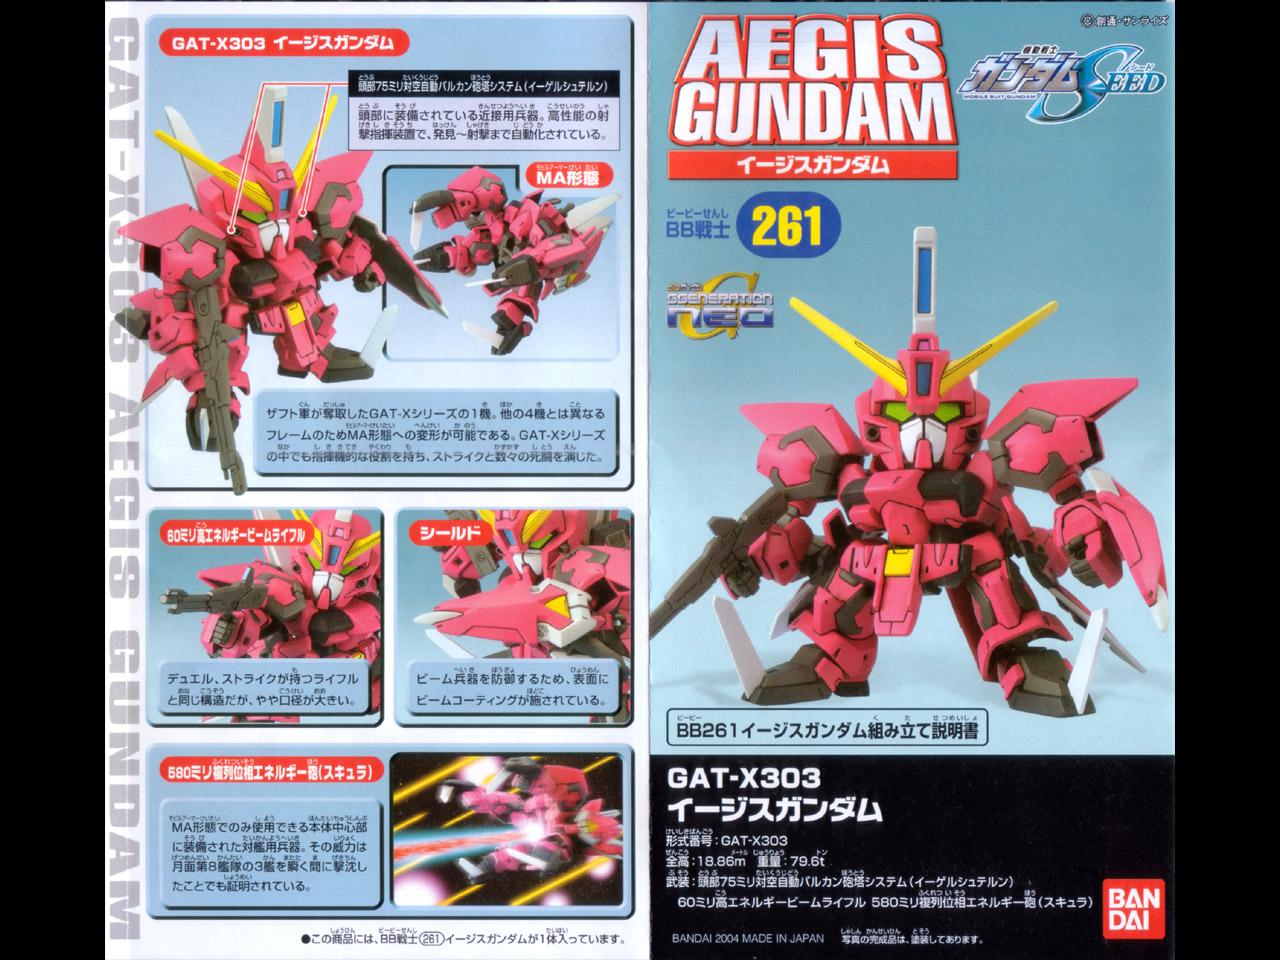 BB261_Aegis_Gundam_04.jpg